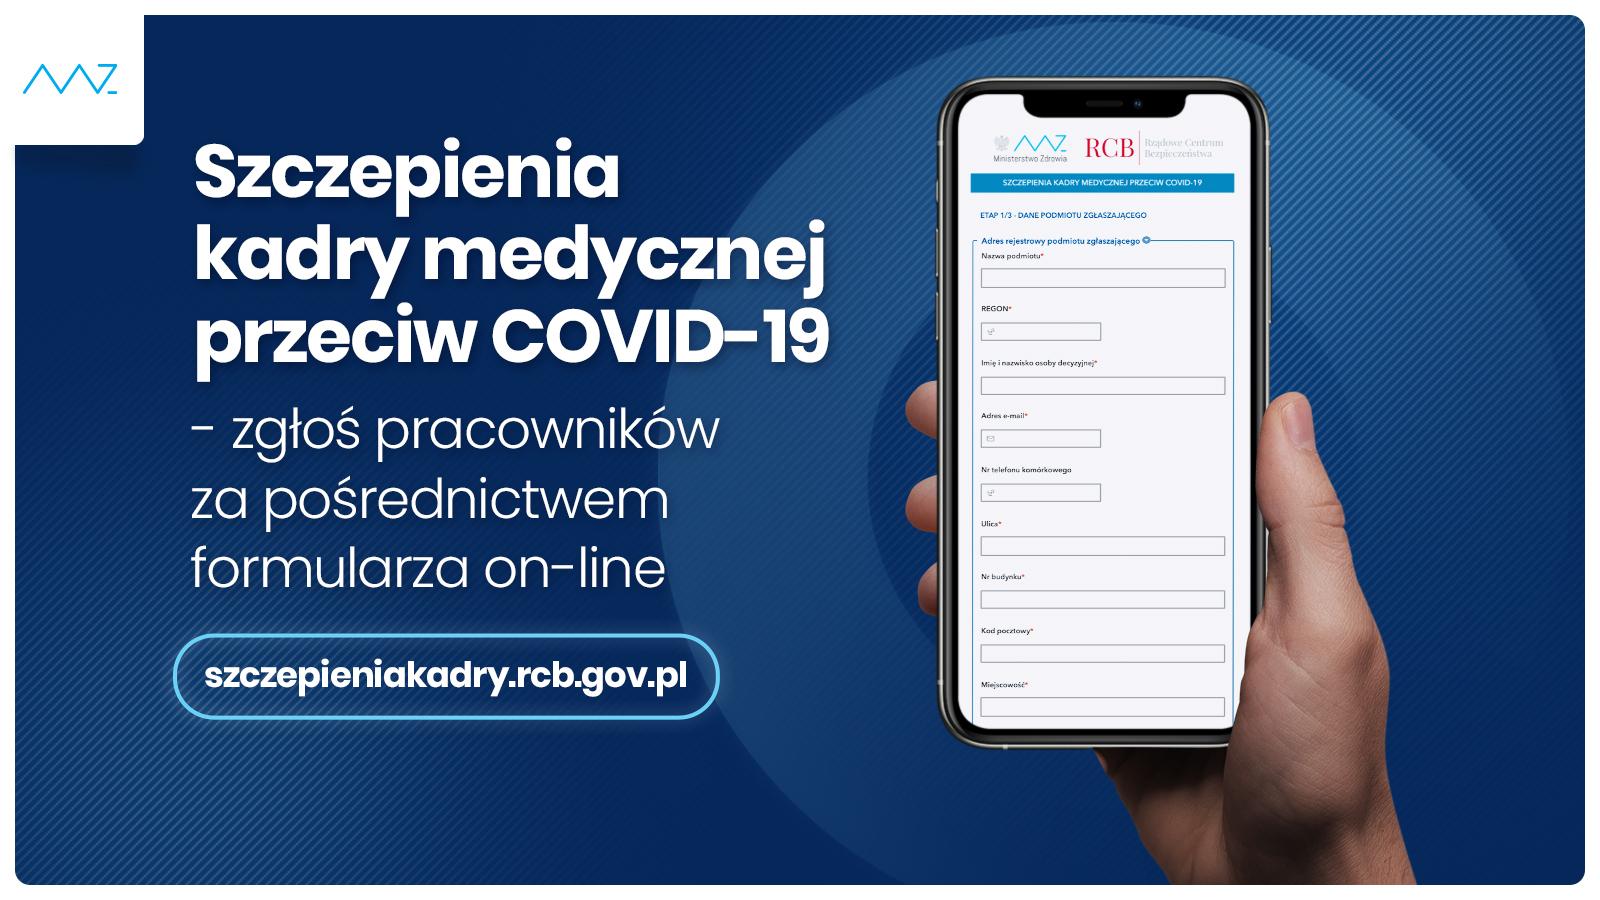 szczepienia_kadry